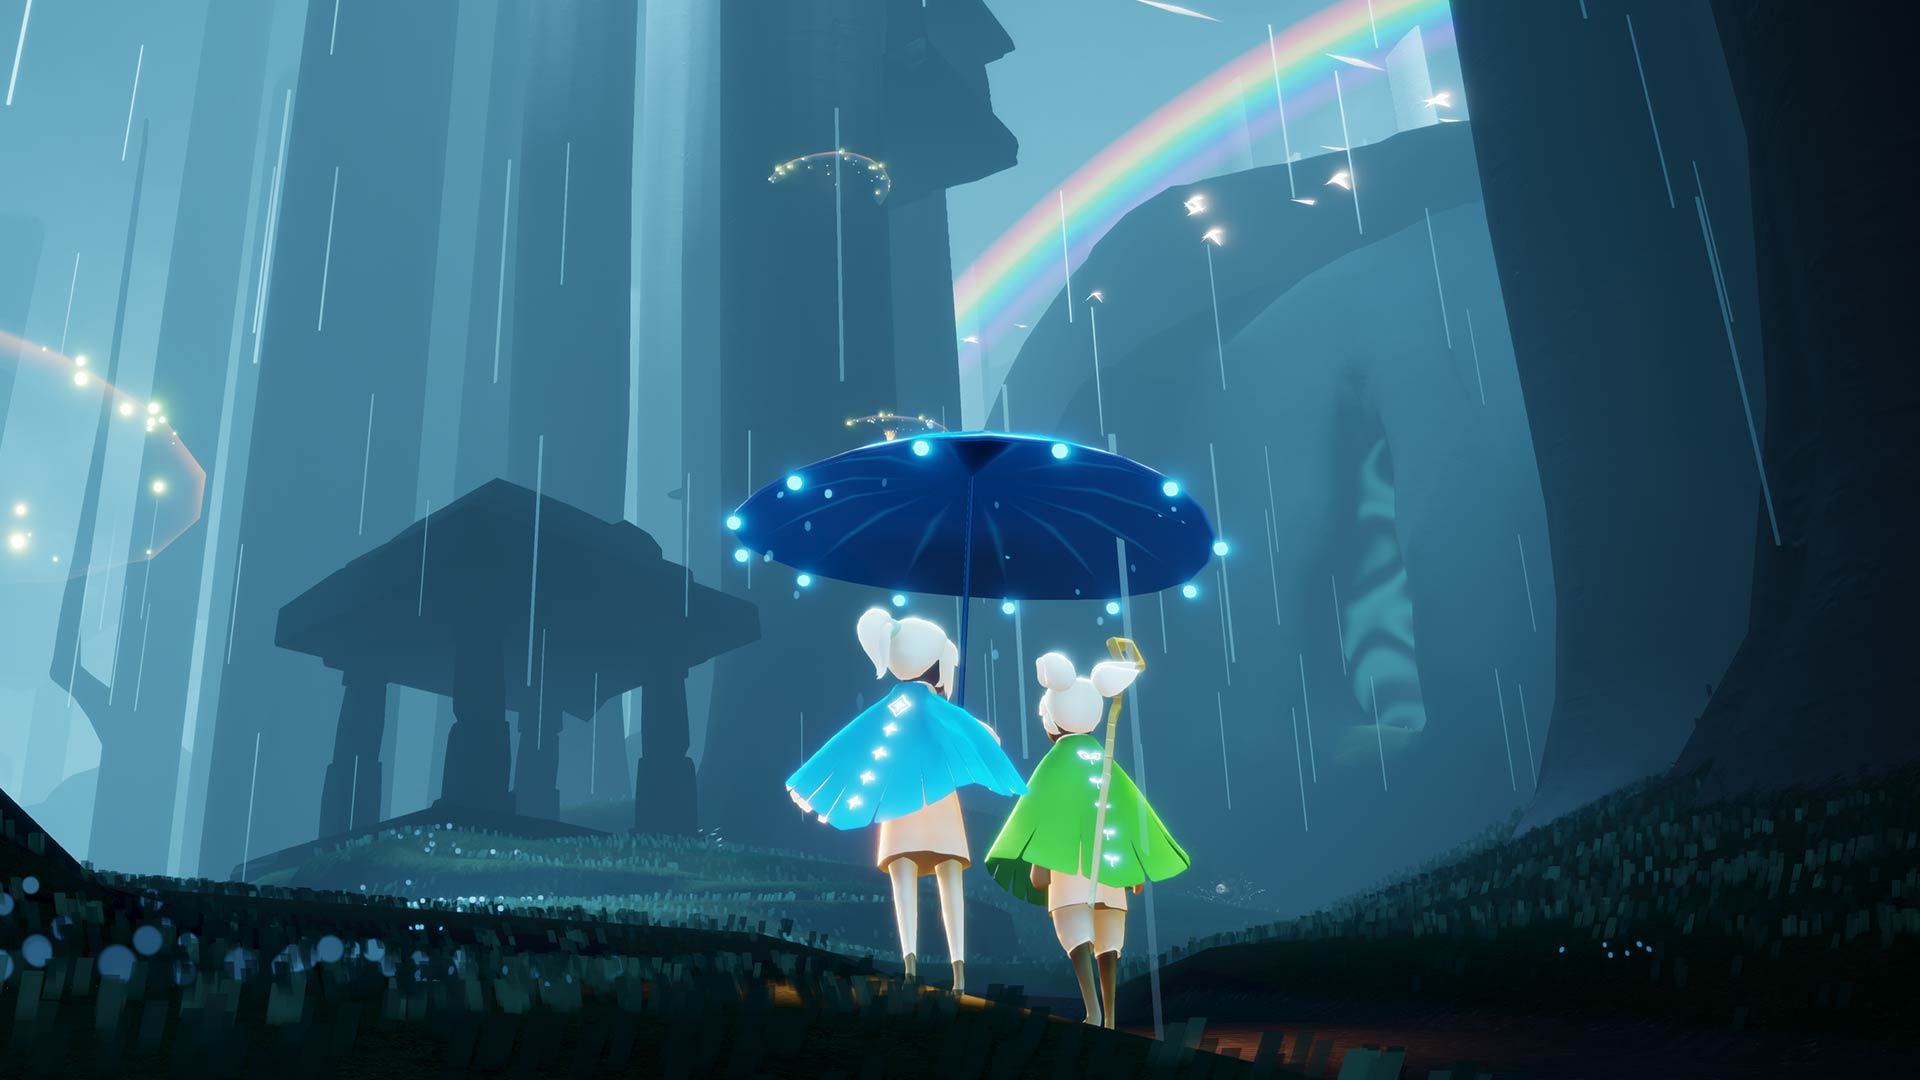 Sky children of light